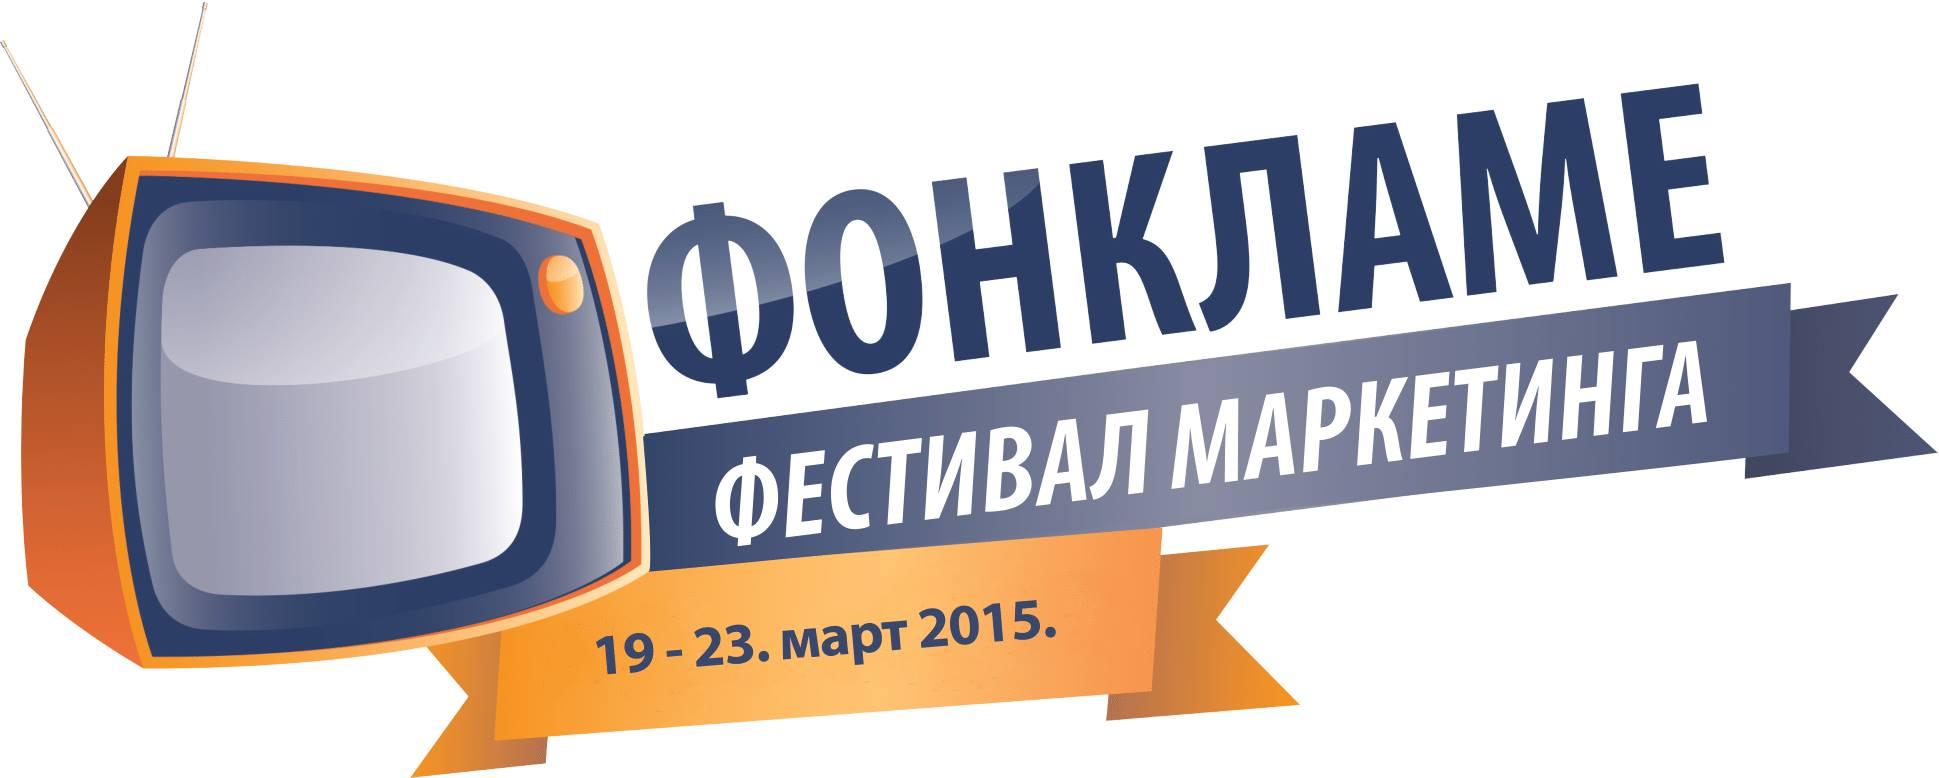 FONklame logo 2015